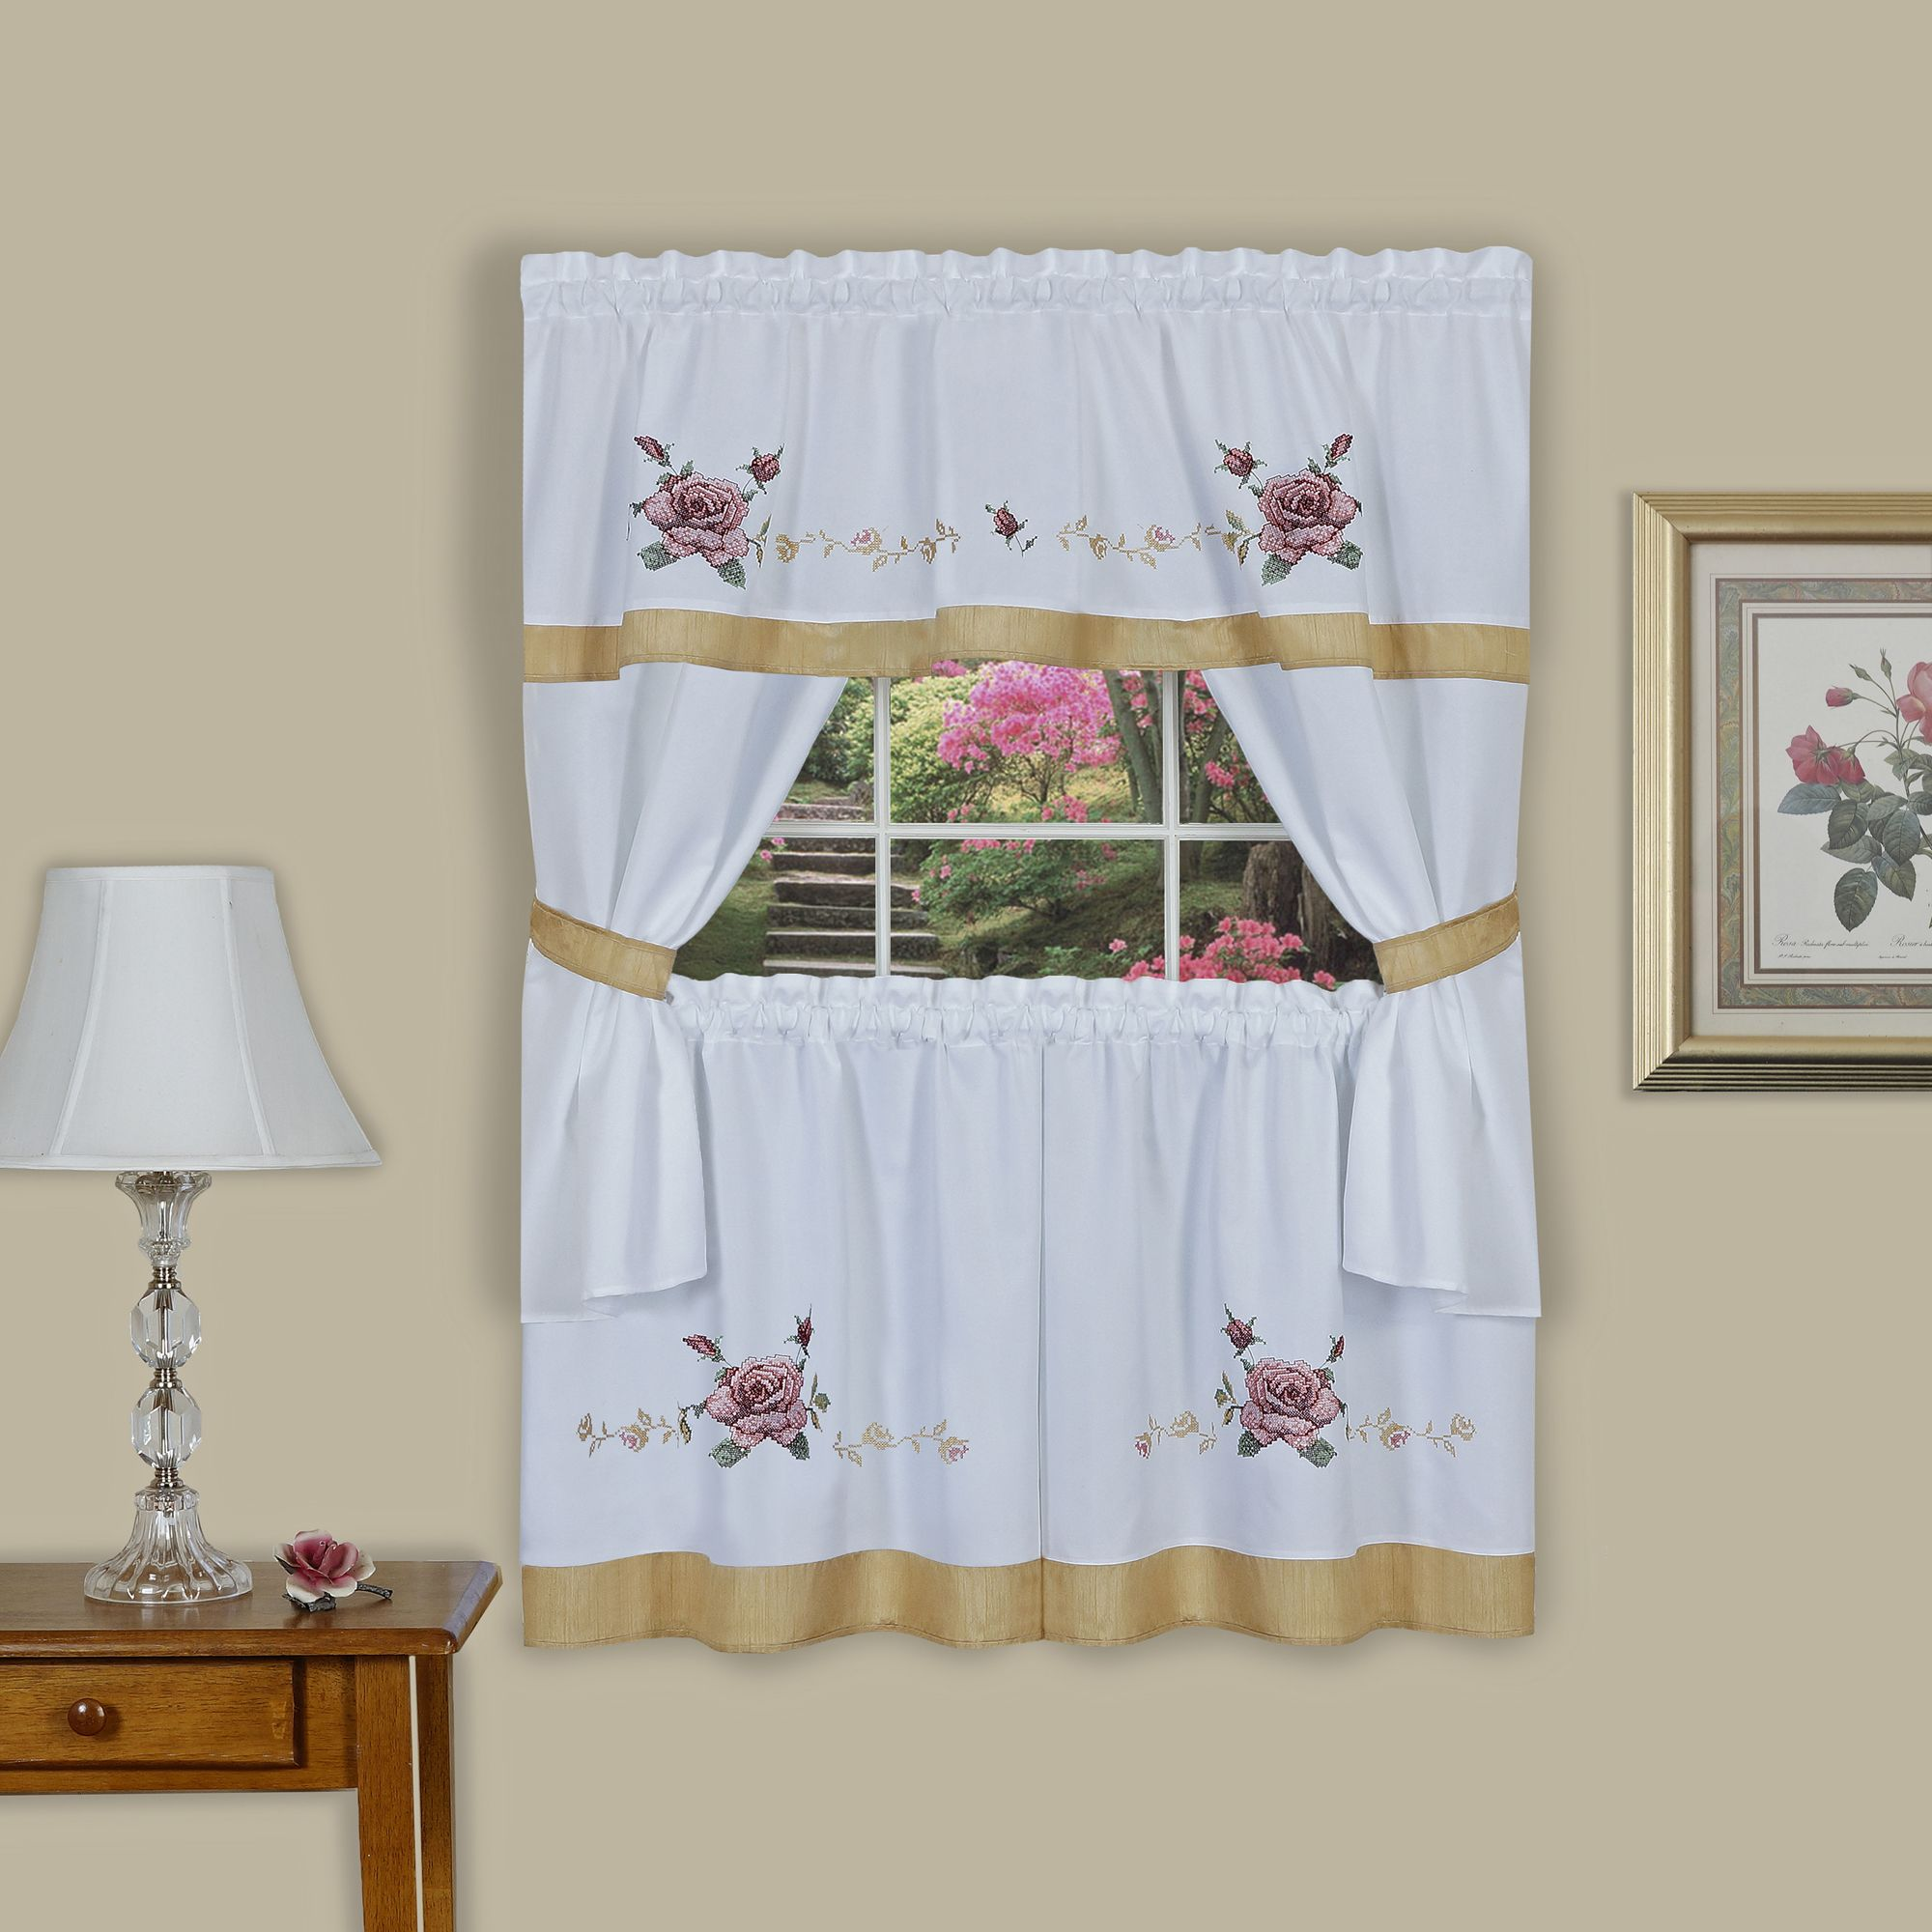 Achim Importing Co Rose Embellished Cottage Window Curtain Set